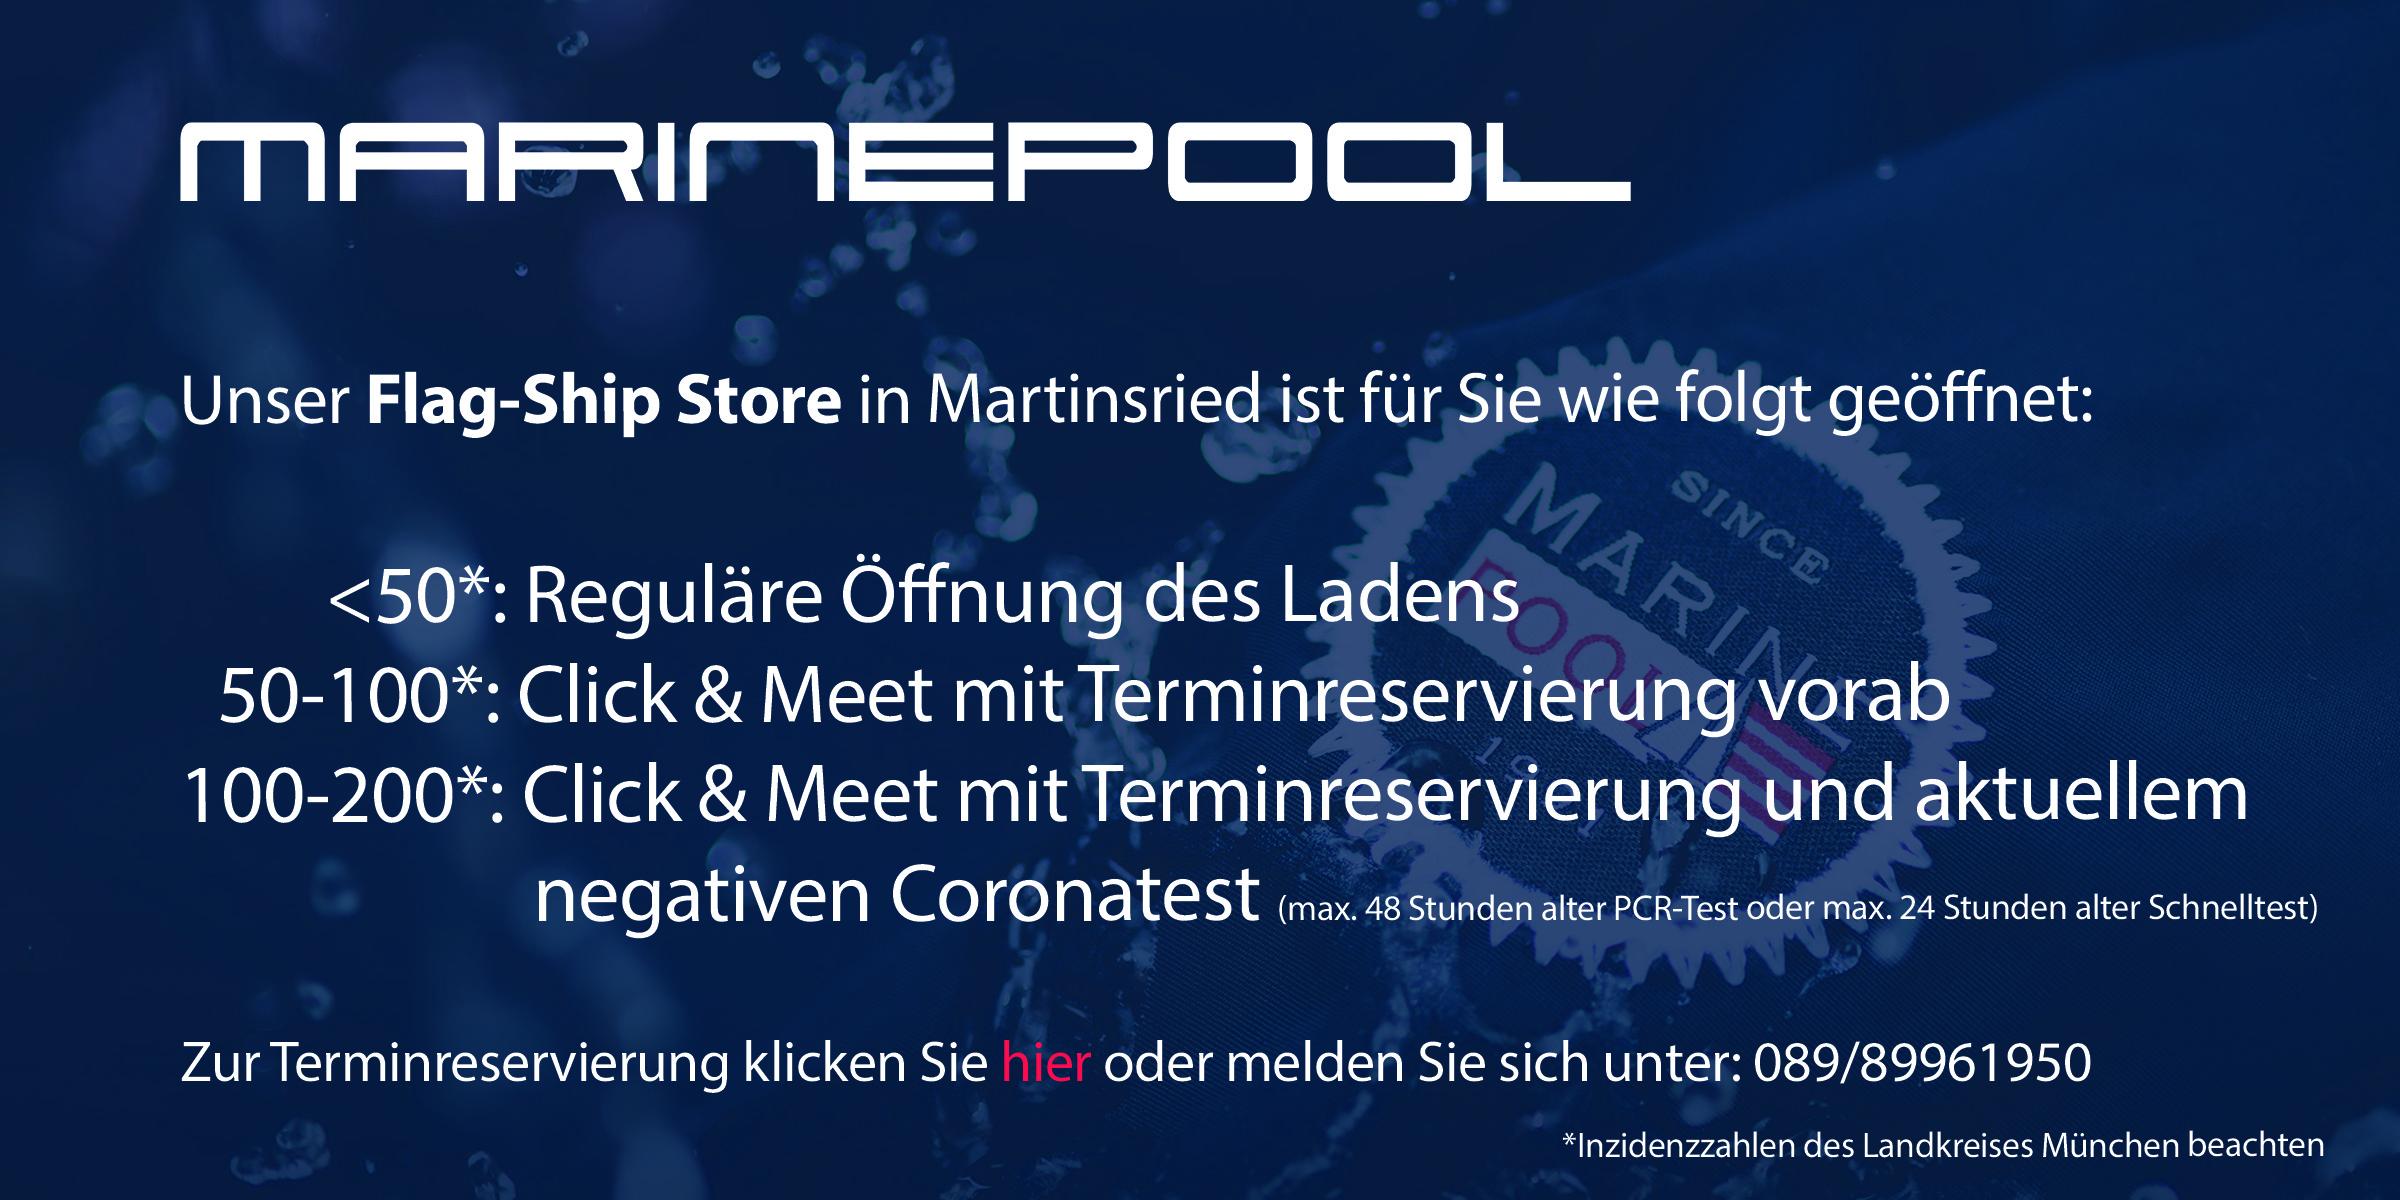 Flagship Store Click & Meet